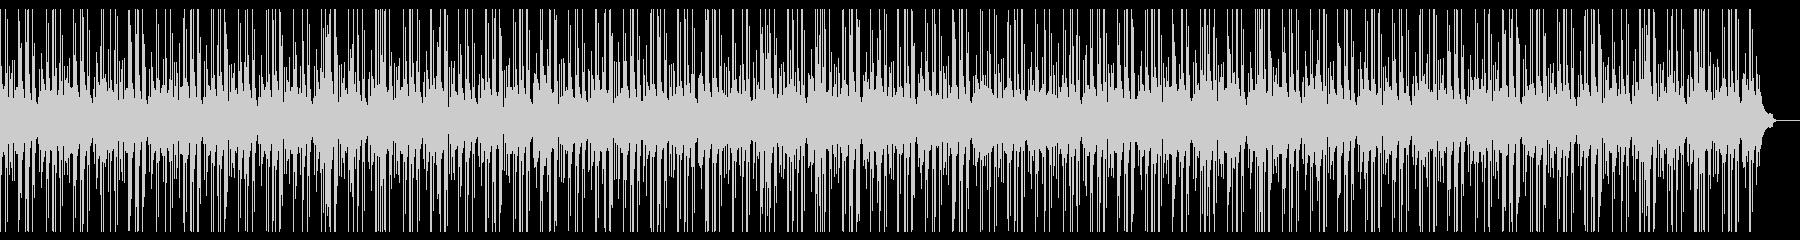 大人っぽい雰囲気の正統派ピアノBGMの未再生の波形